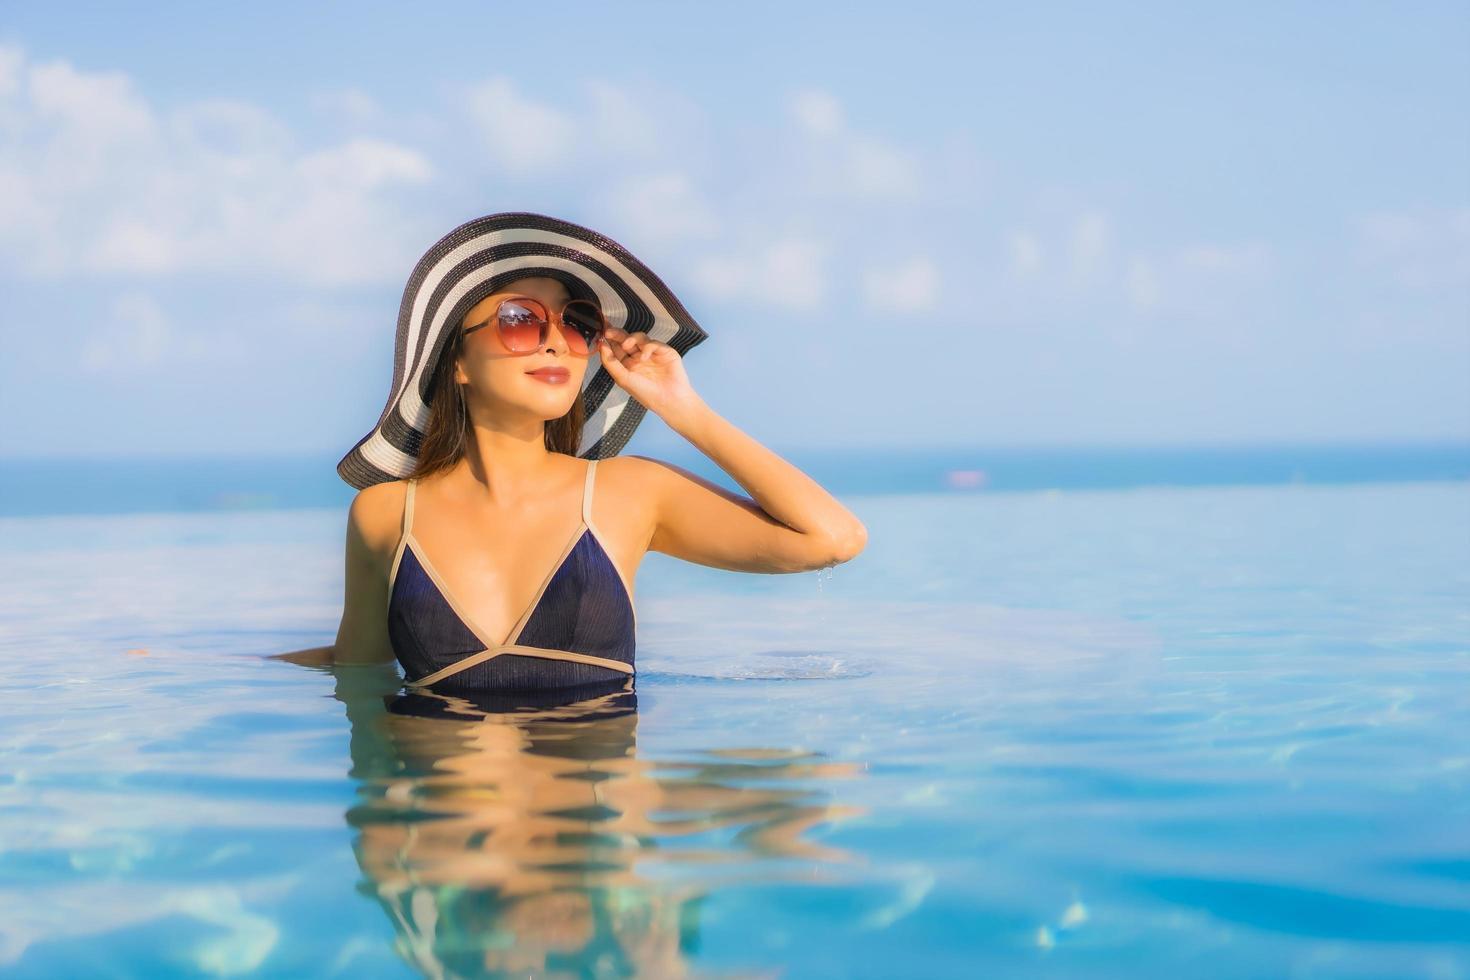 donna che si distende in una piscina foto